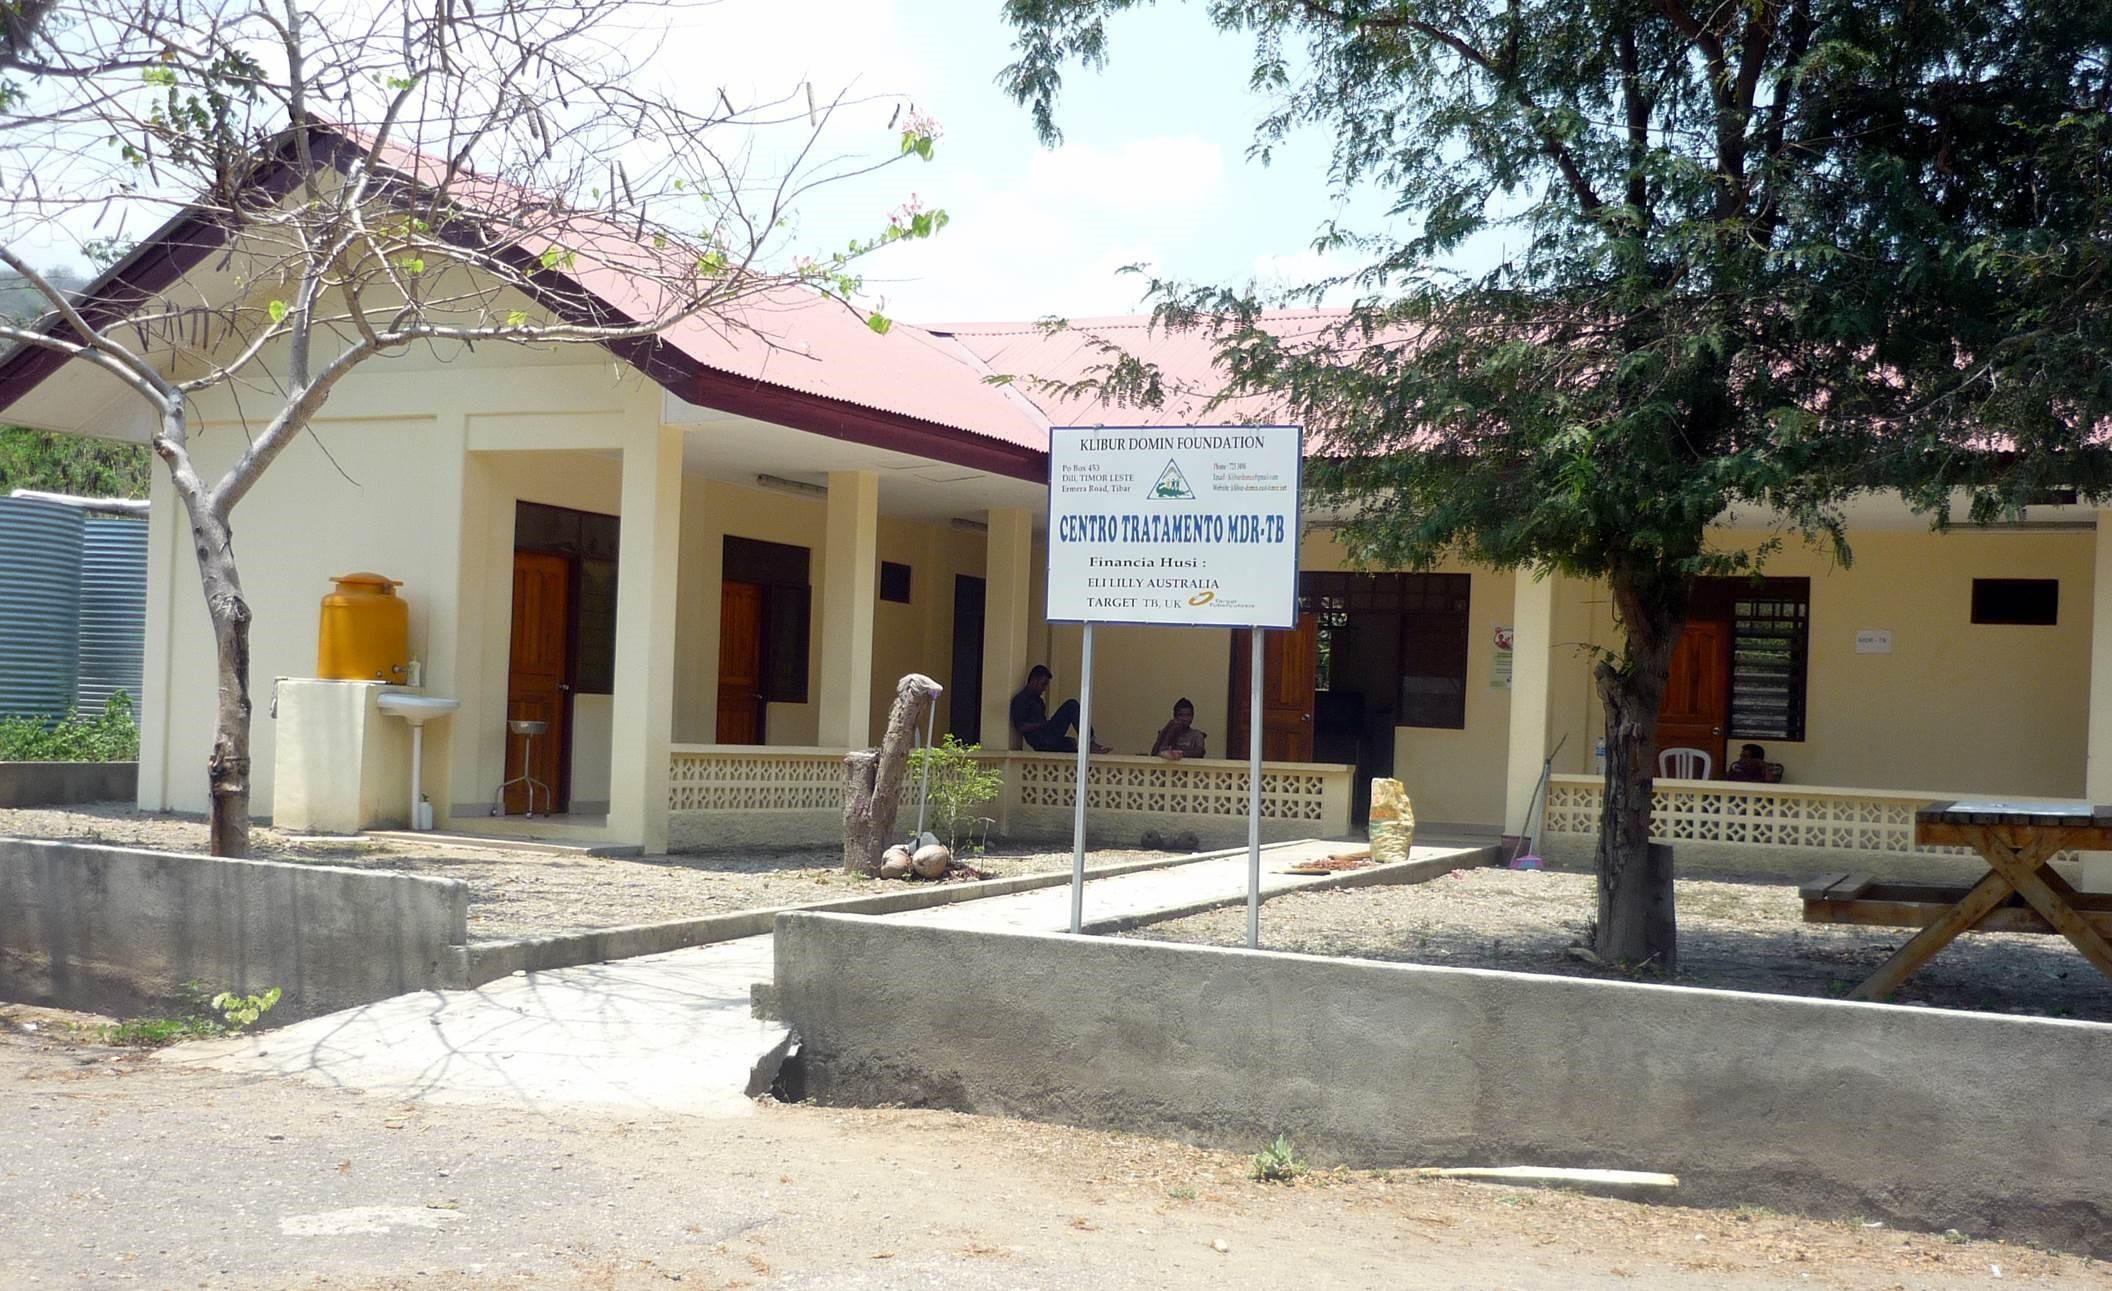 Current TB Ward at Klibur Domin